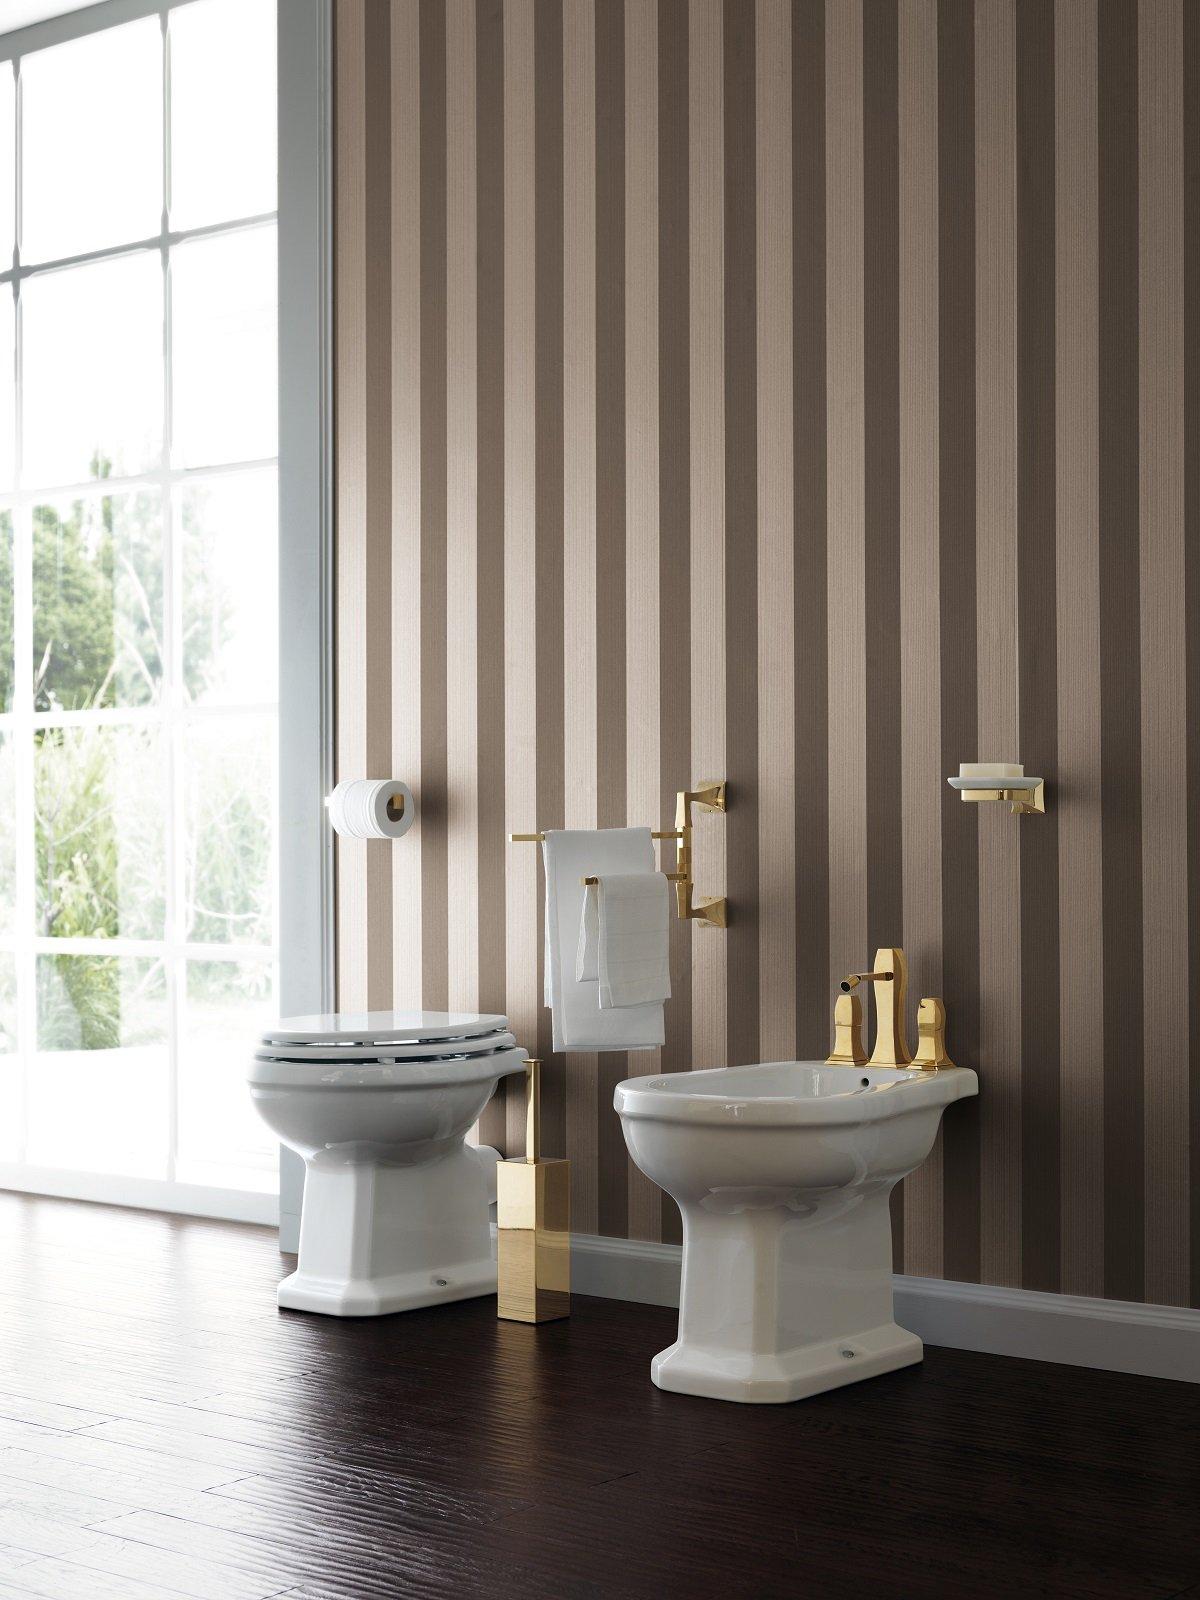 Realizzare un raffinato ambiente bagno di gusto romantico - Sanitari stile antico ...